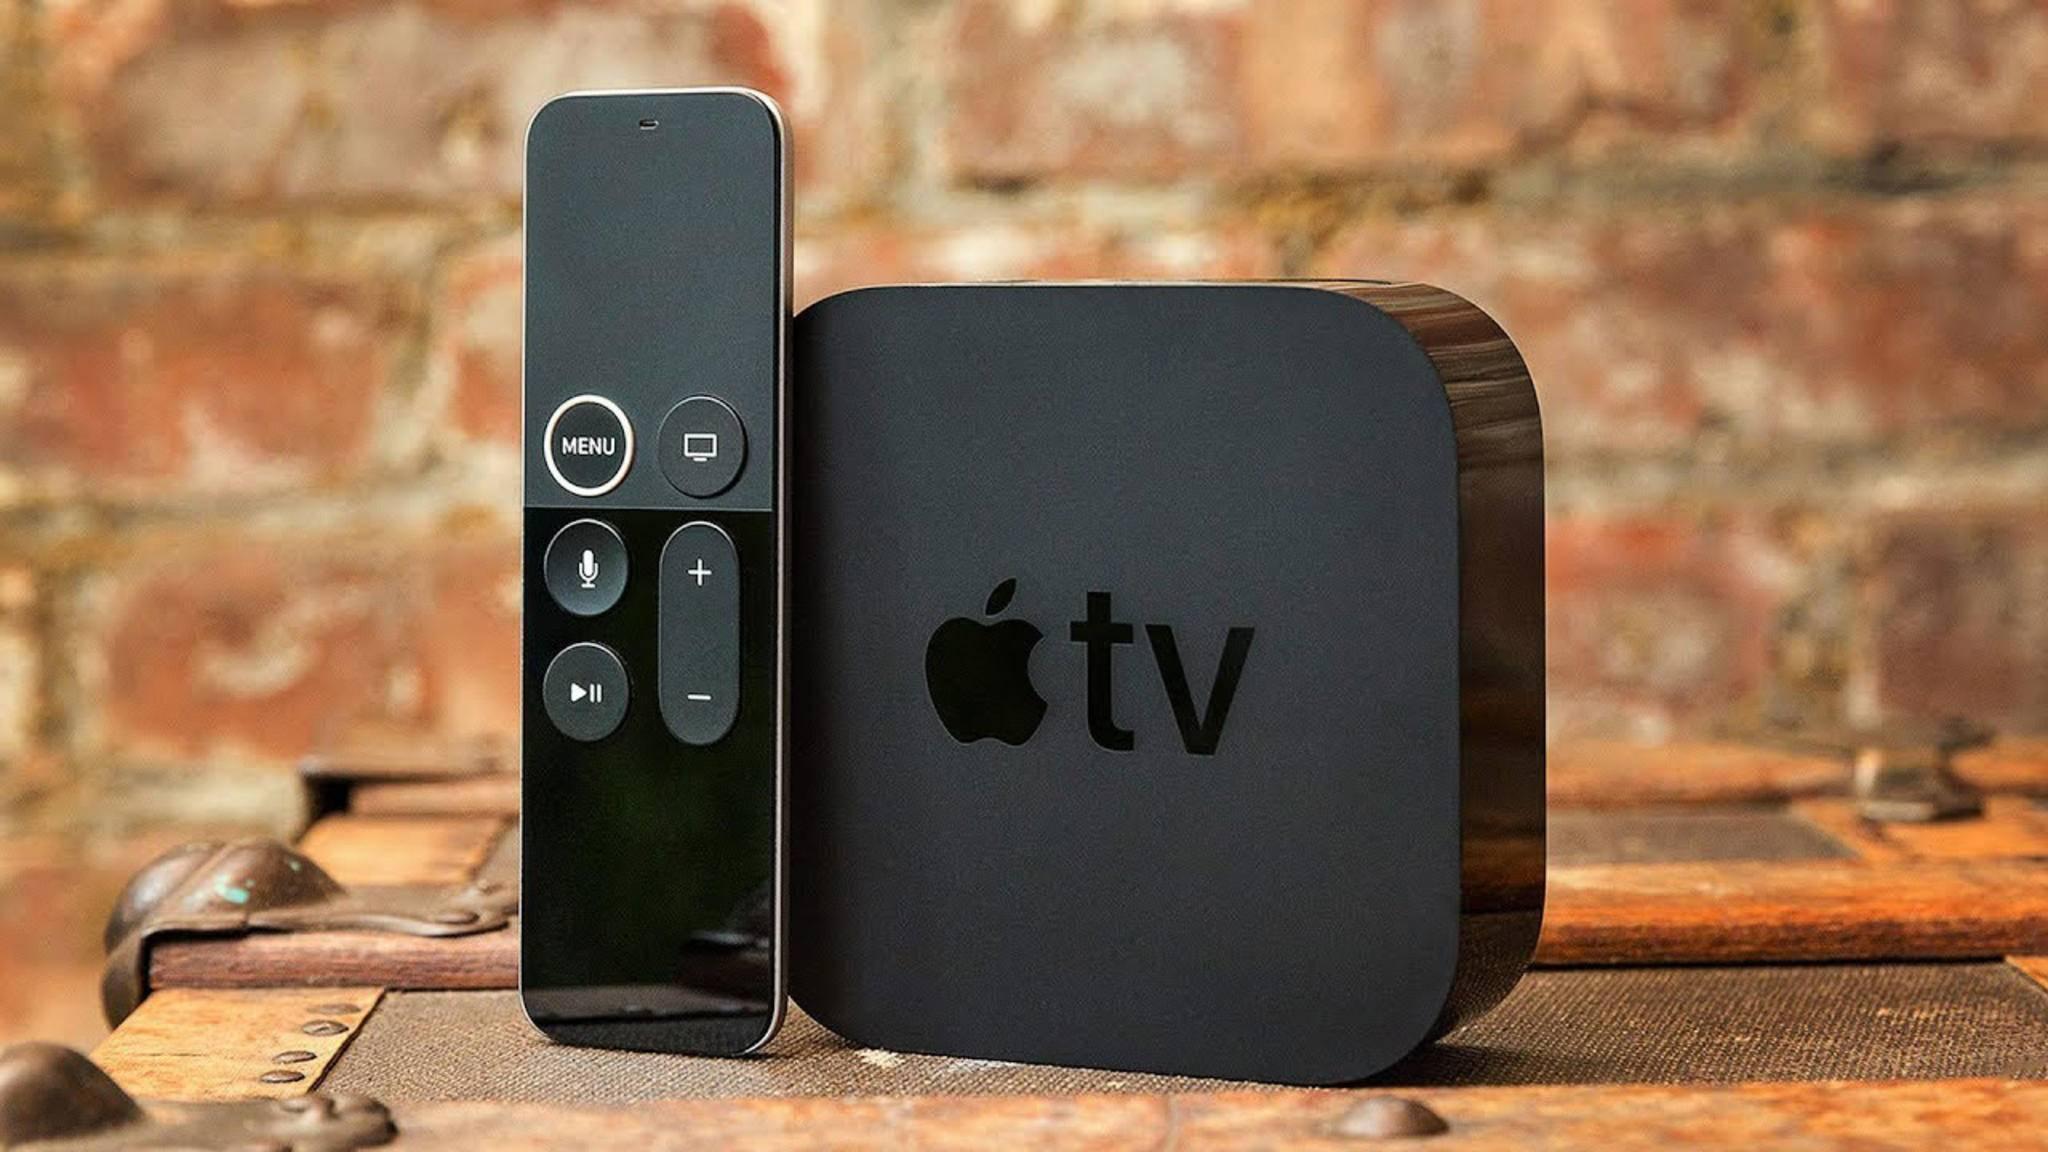 Ein neues Apple TV 4K soll laut einem Leaker in den Startlöchern stehen.